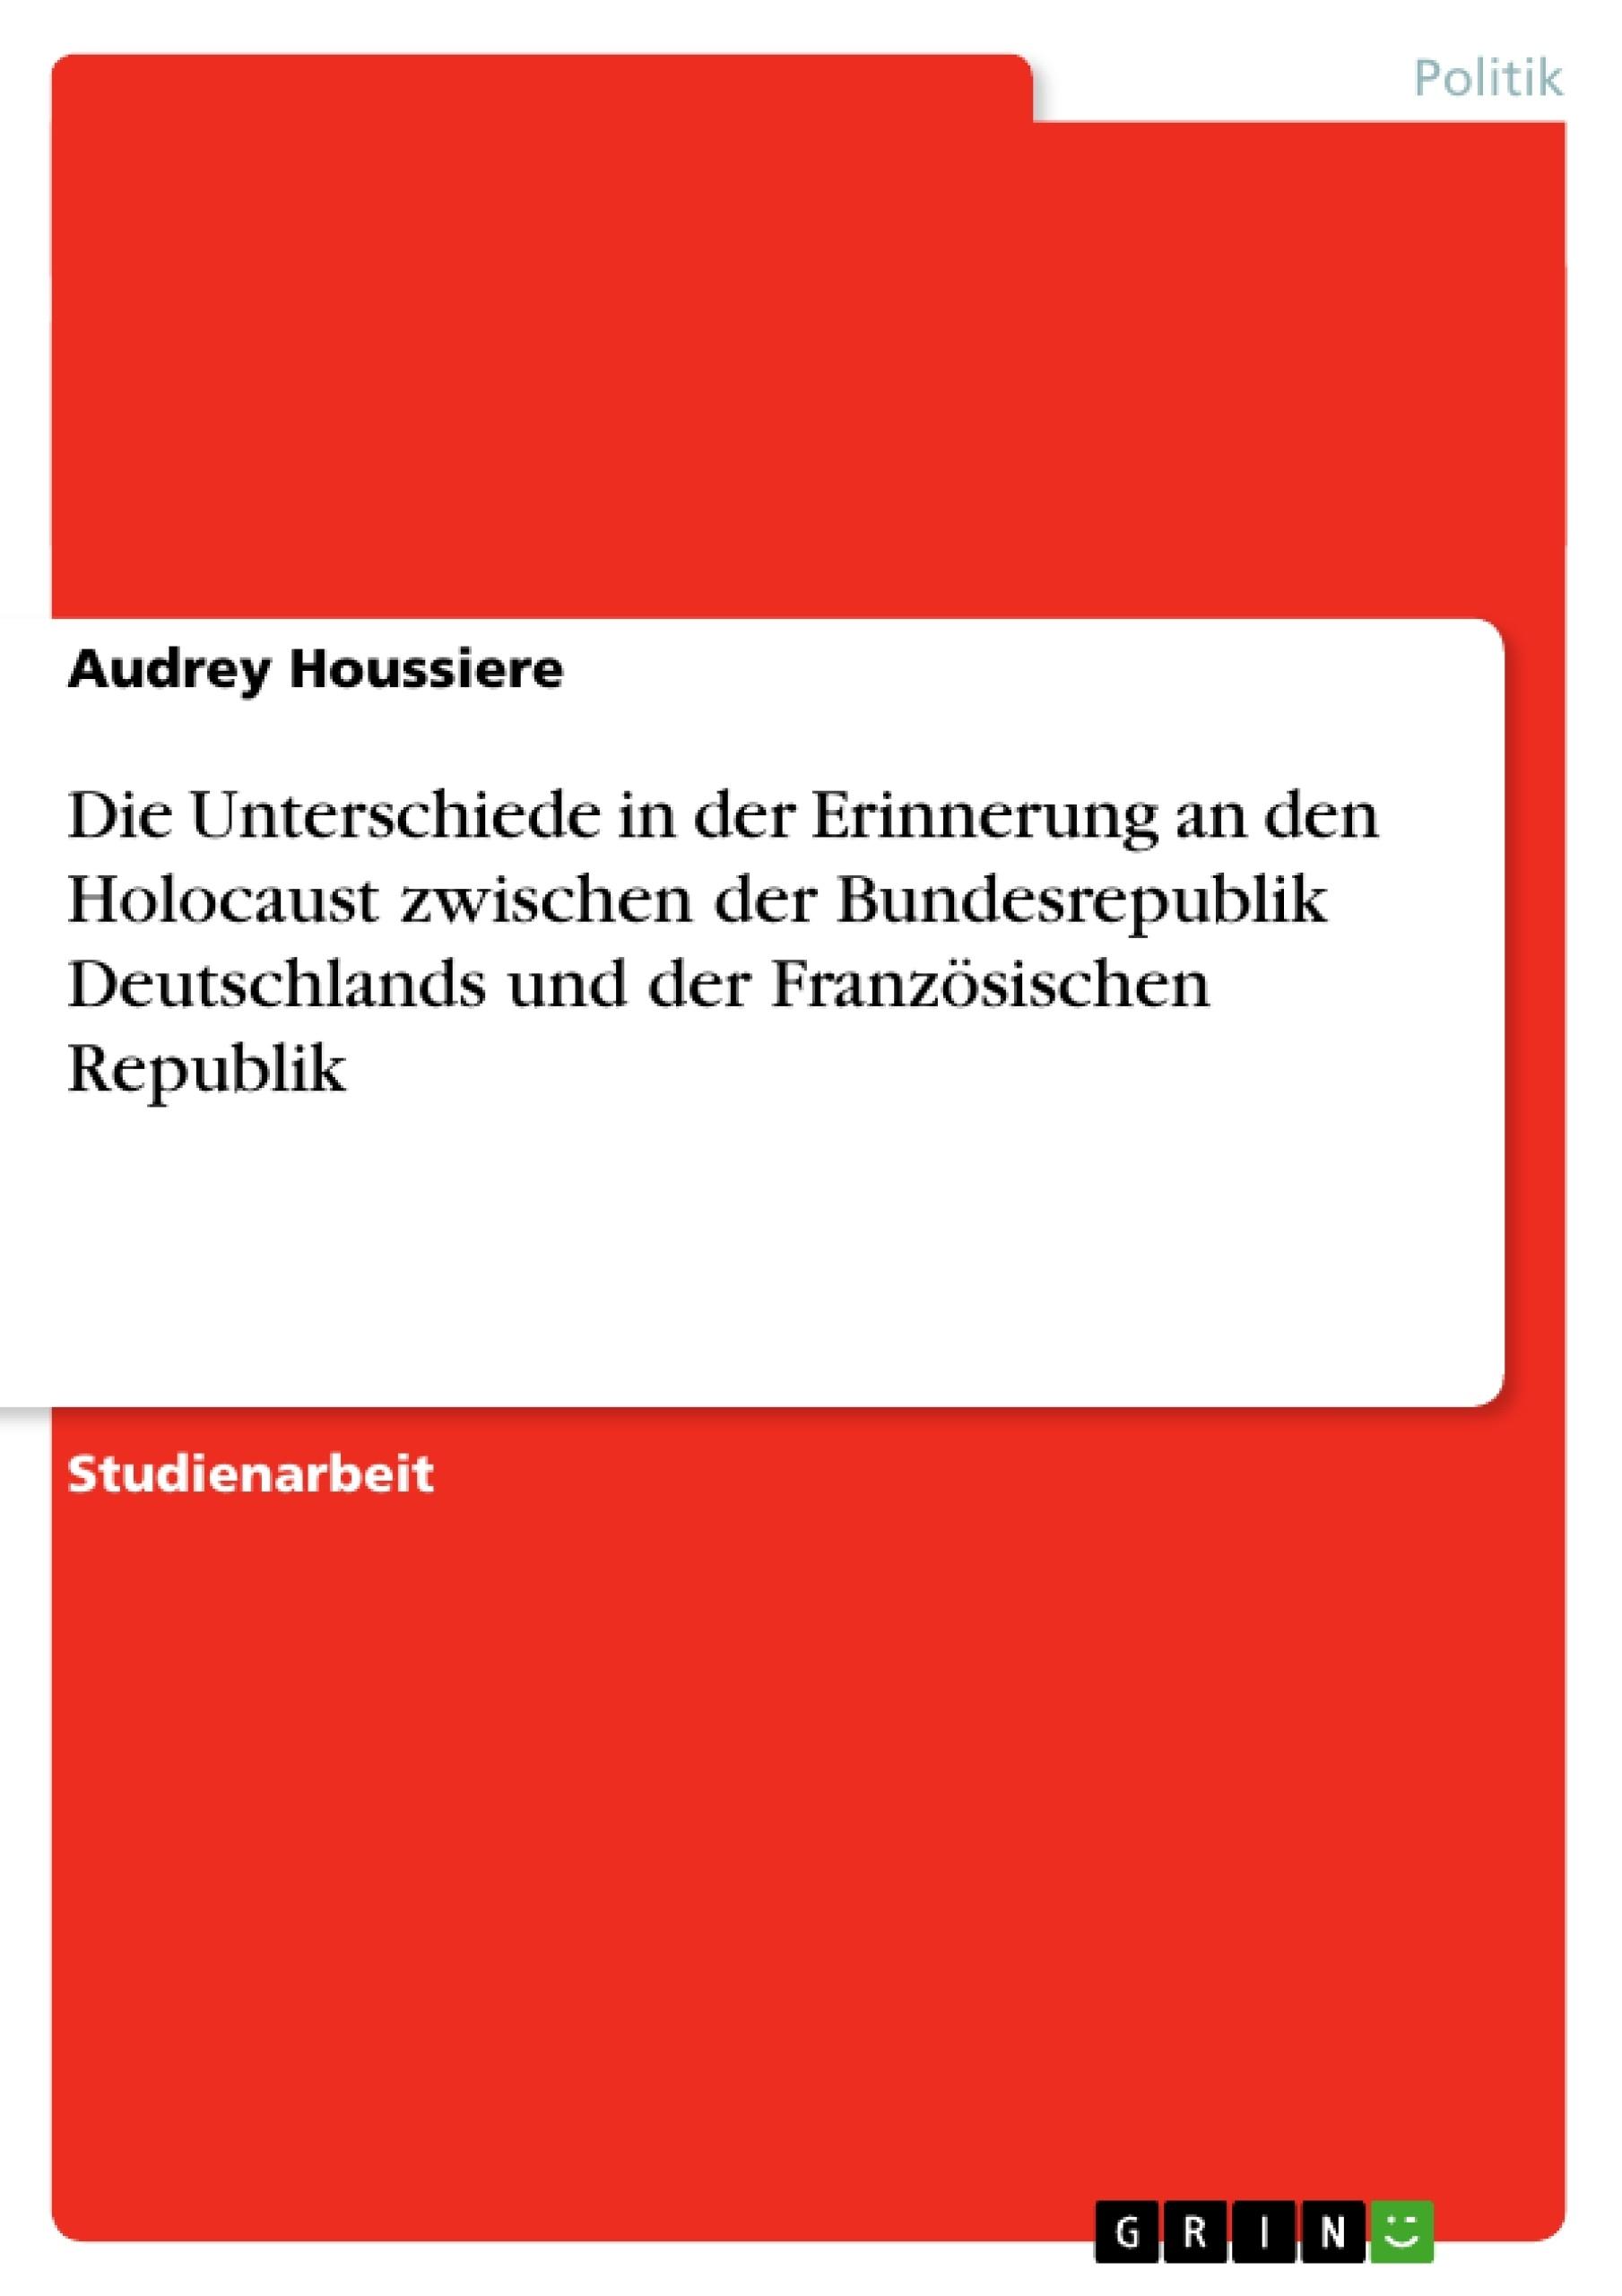 Titel: Die Unterschiede in der Erinnerung  an den Holocaust zwischen der Bundesrepublik Deutschlands und der Französischen Republik